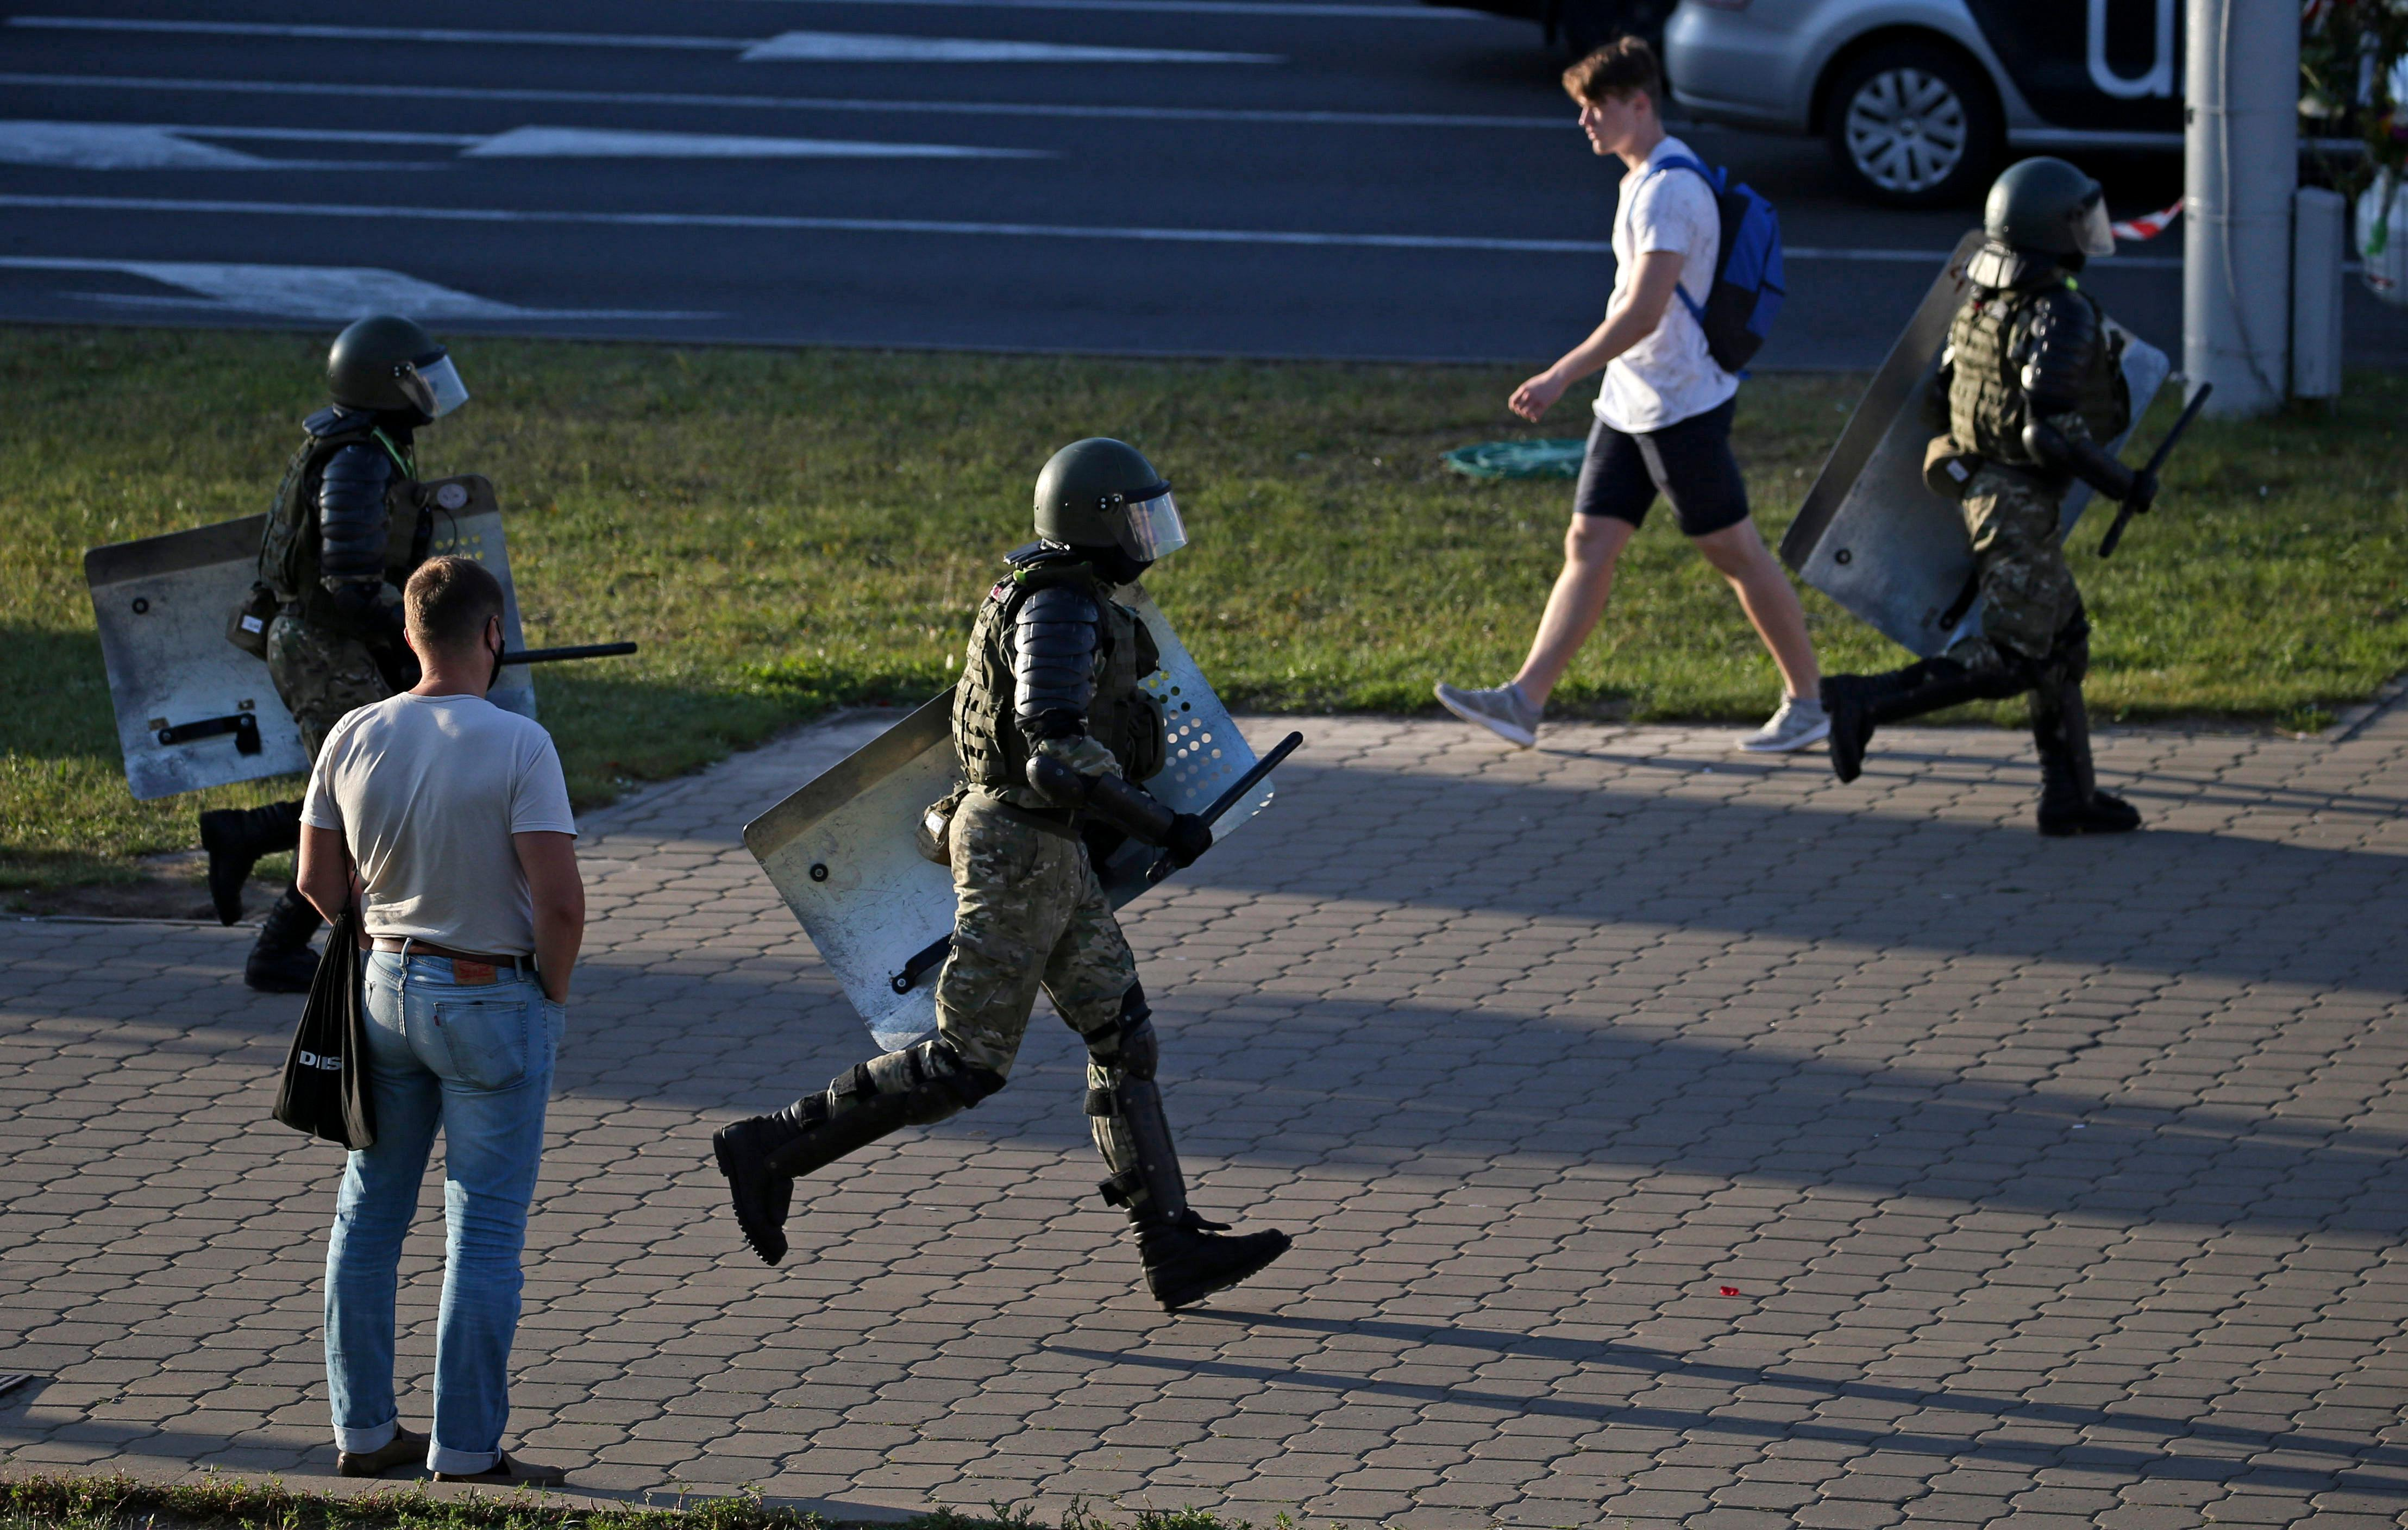 СМИ: В Минске задержаны организаторы массовых беспорядков